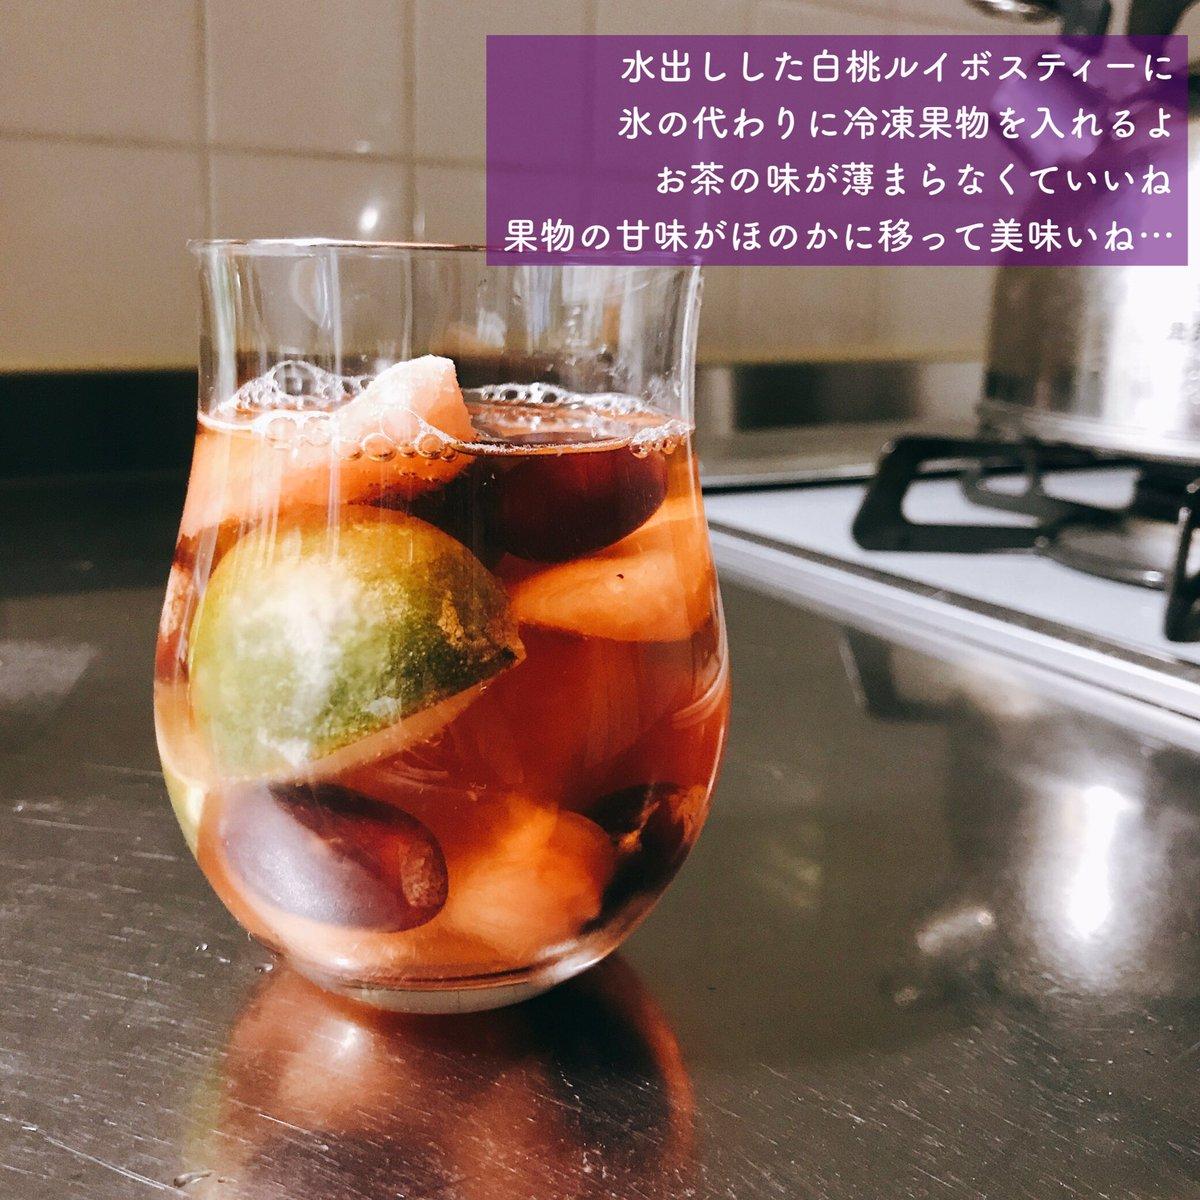 セブンイレブンの冷凍果物のオススメ活用方法がこちら!ぶどうやグレープフルーツを紅茶に入れると美味しいと話題に!